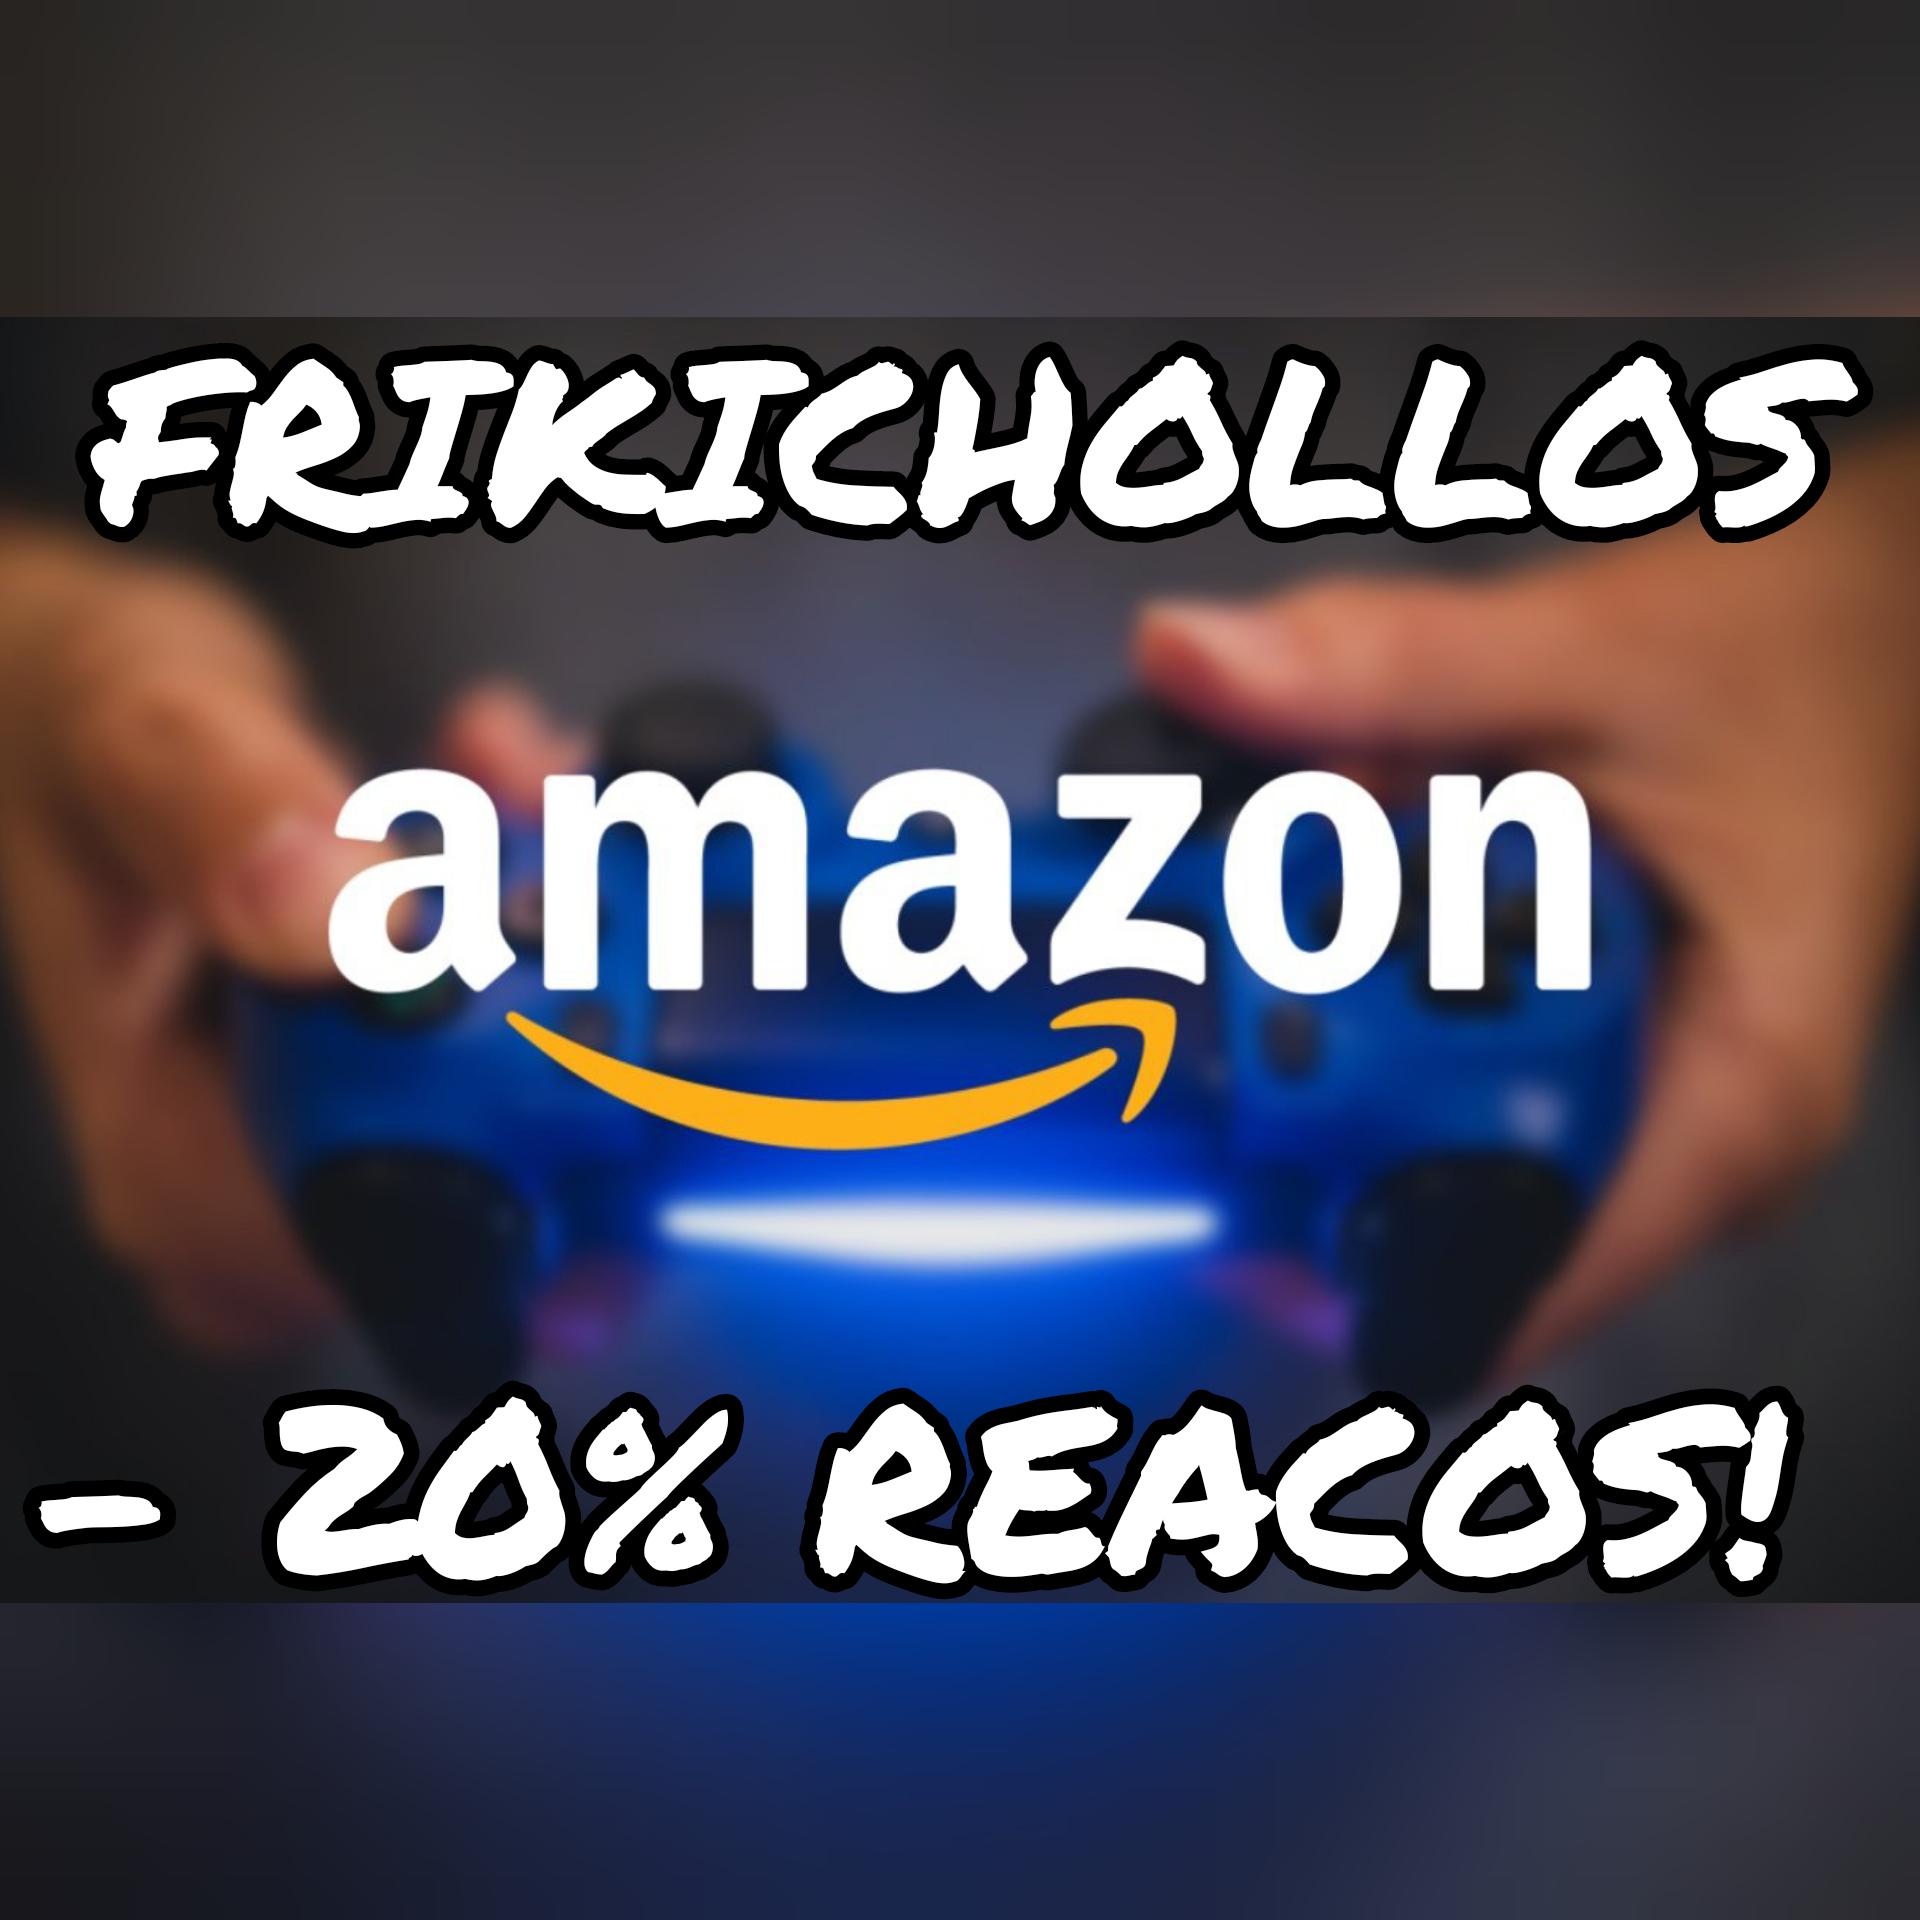 FRIKICHOLLOS REACOS - 20%!! [recopilación] EXPRESS!!